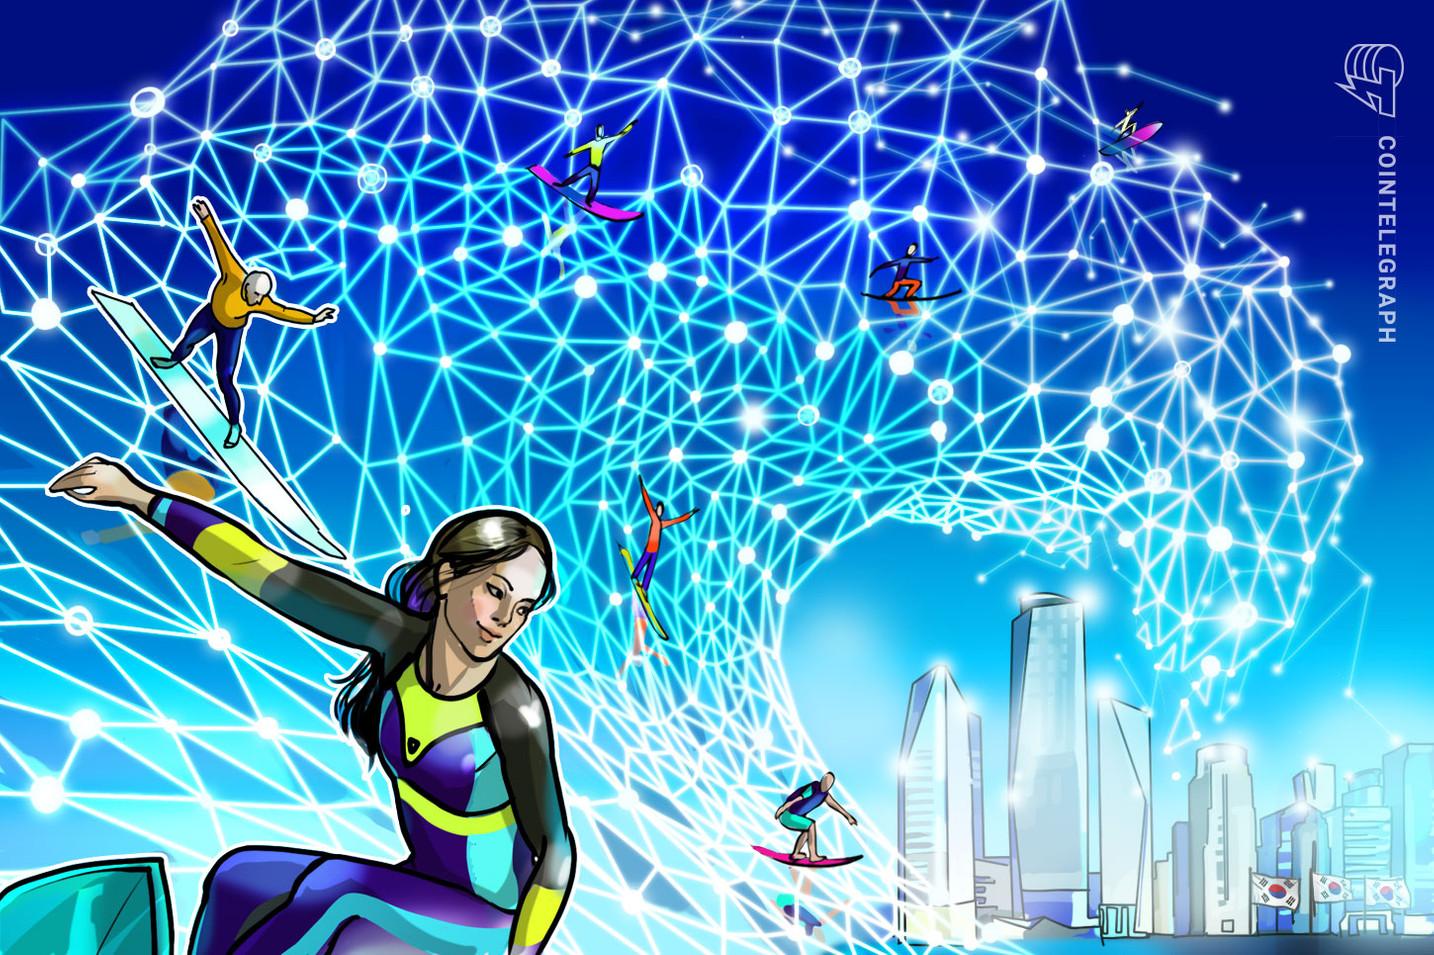 Güney Kore'de Listelenmeyen Menkul Kıymetler İçin Blockchain Platformları Yükseliyor